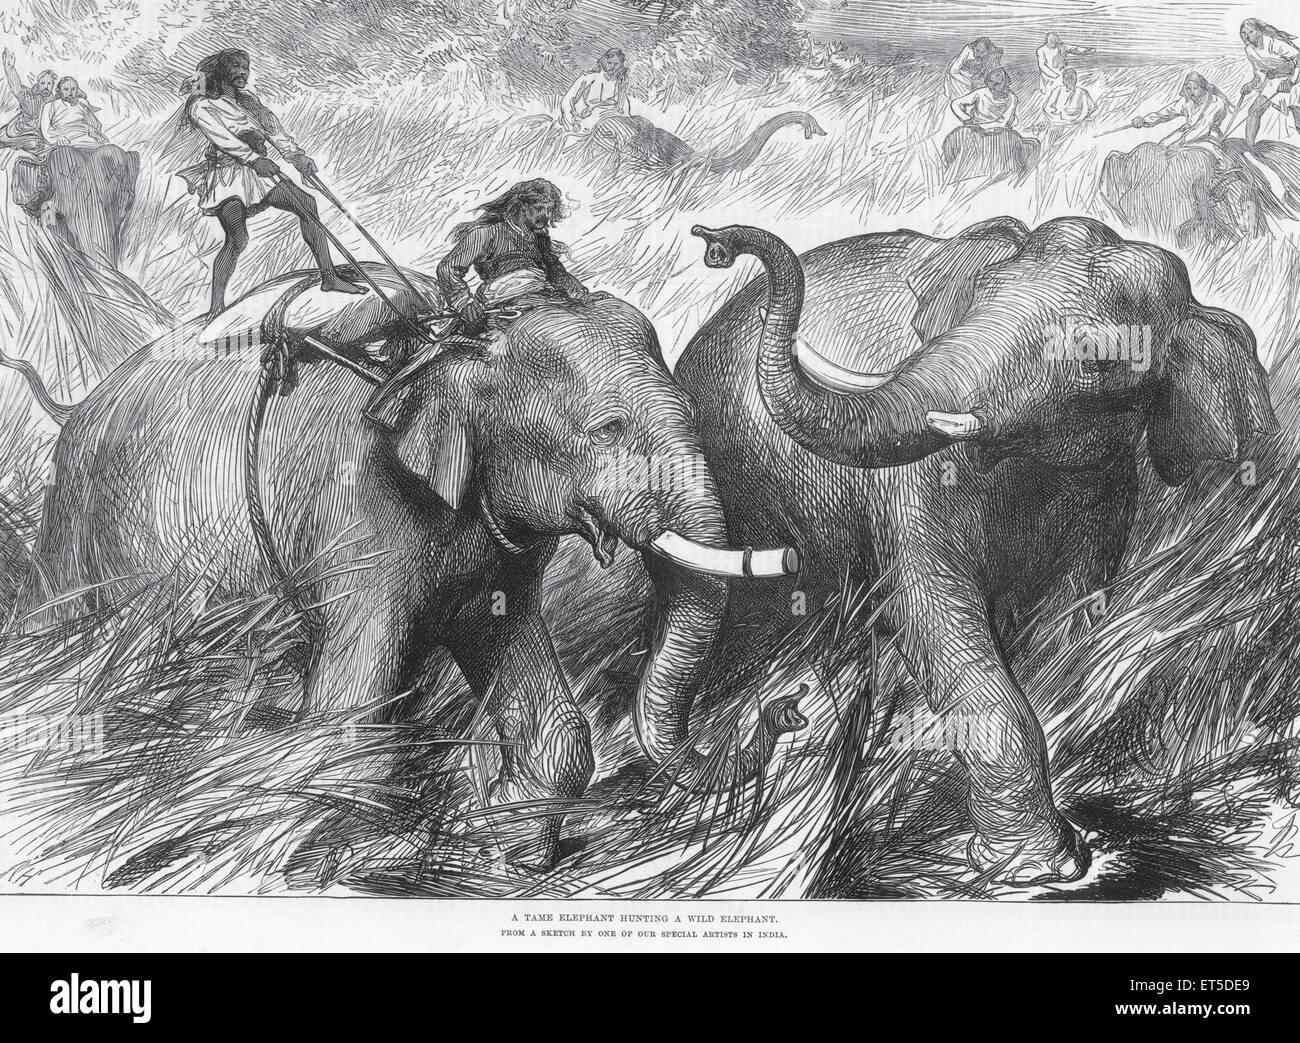 Lizenzgebühren auf Tour zahmen Elefanten jagen wilde Elefanten; Indien Stockbild